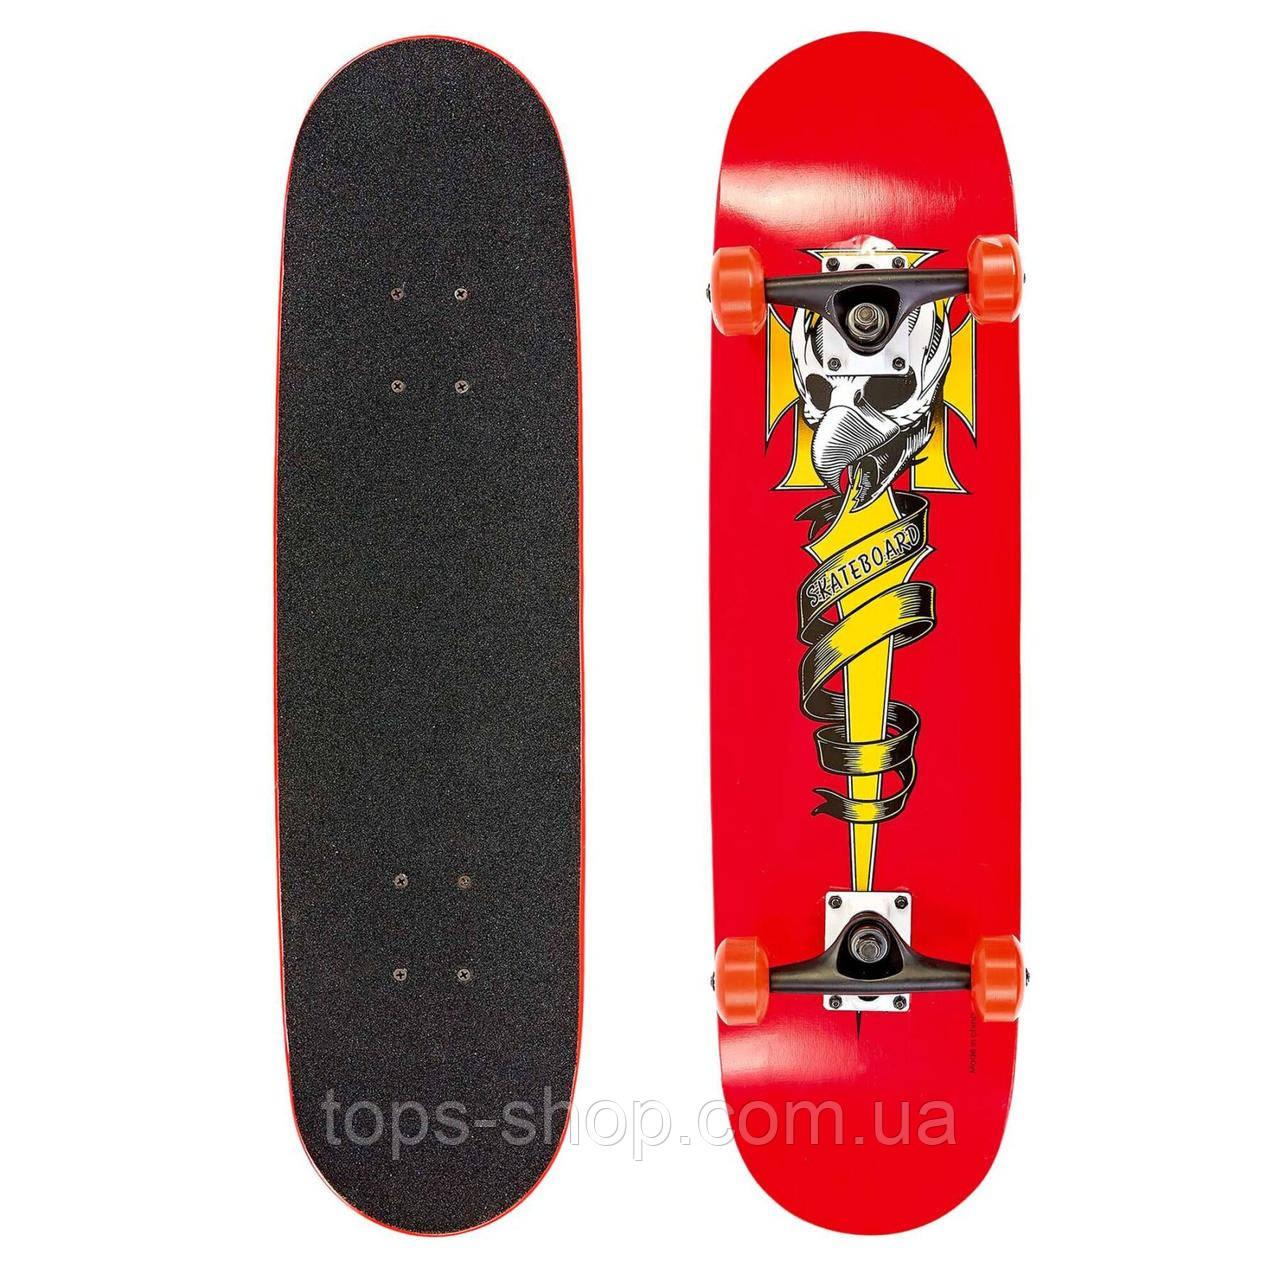 Скейт деревянный, Скейтборд, натуральный канадский клен, для трюков, Red Skull , качество премиум!!!